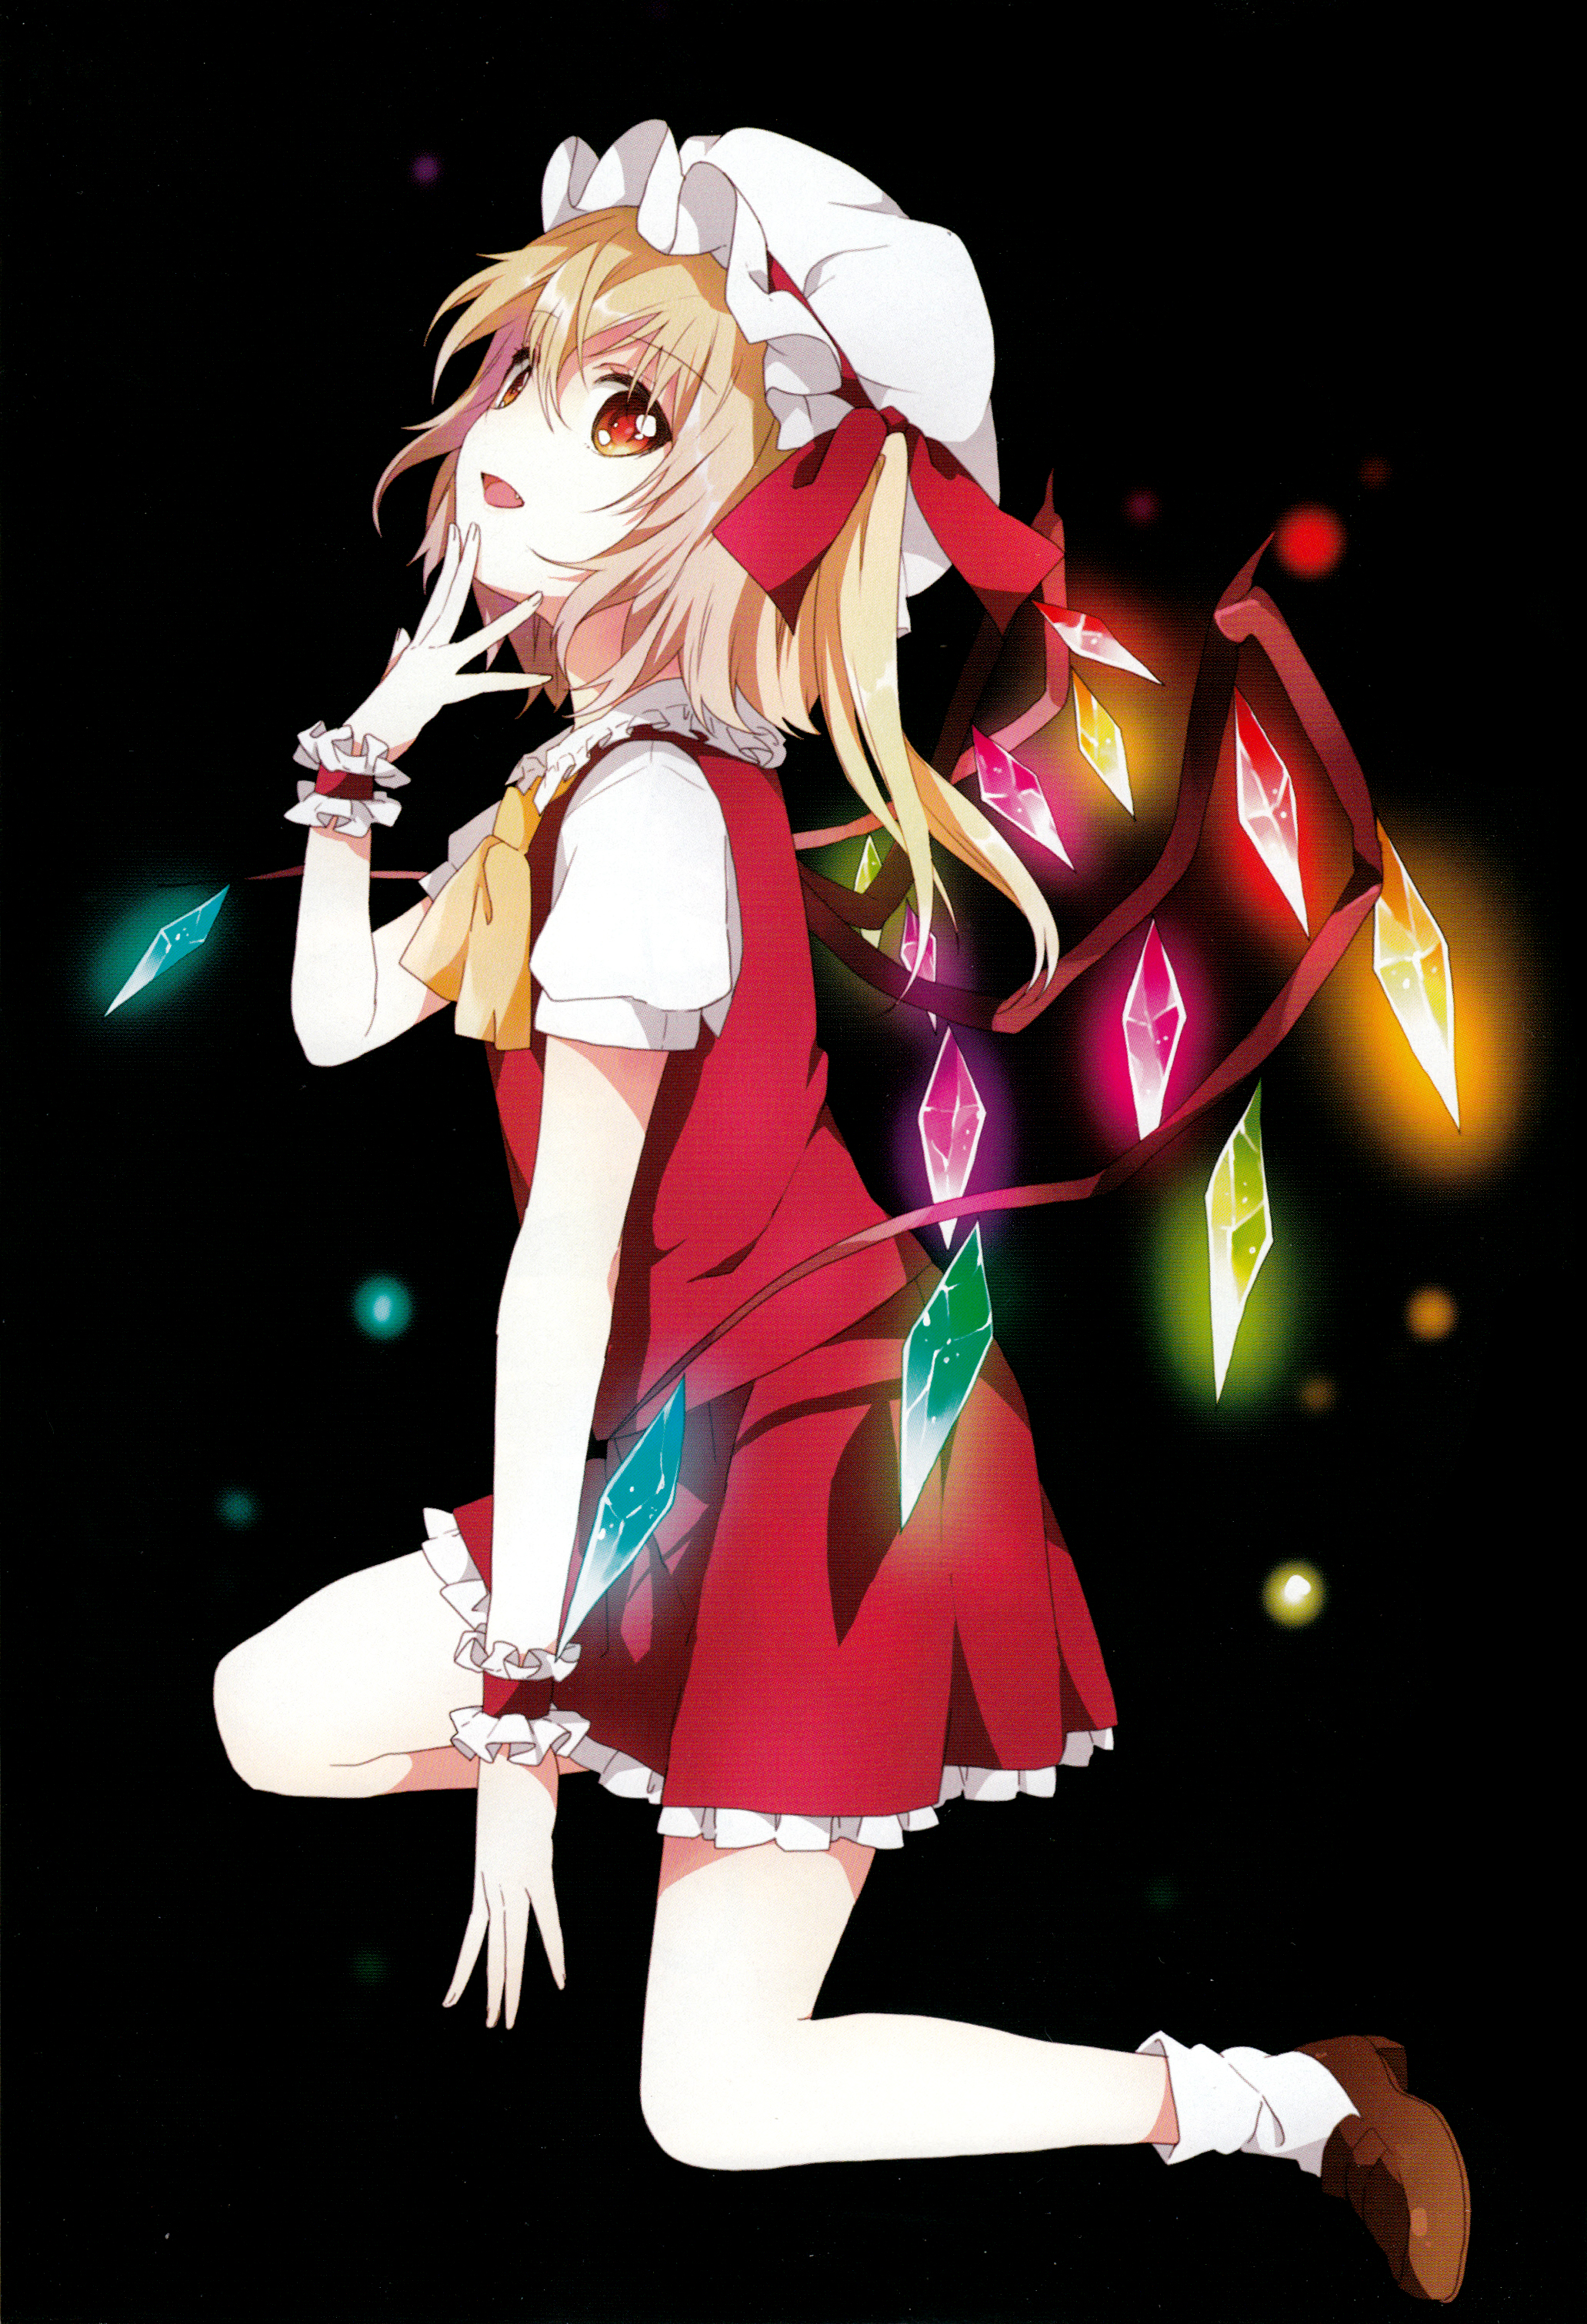 anime christmas wallpaper